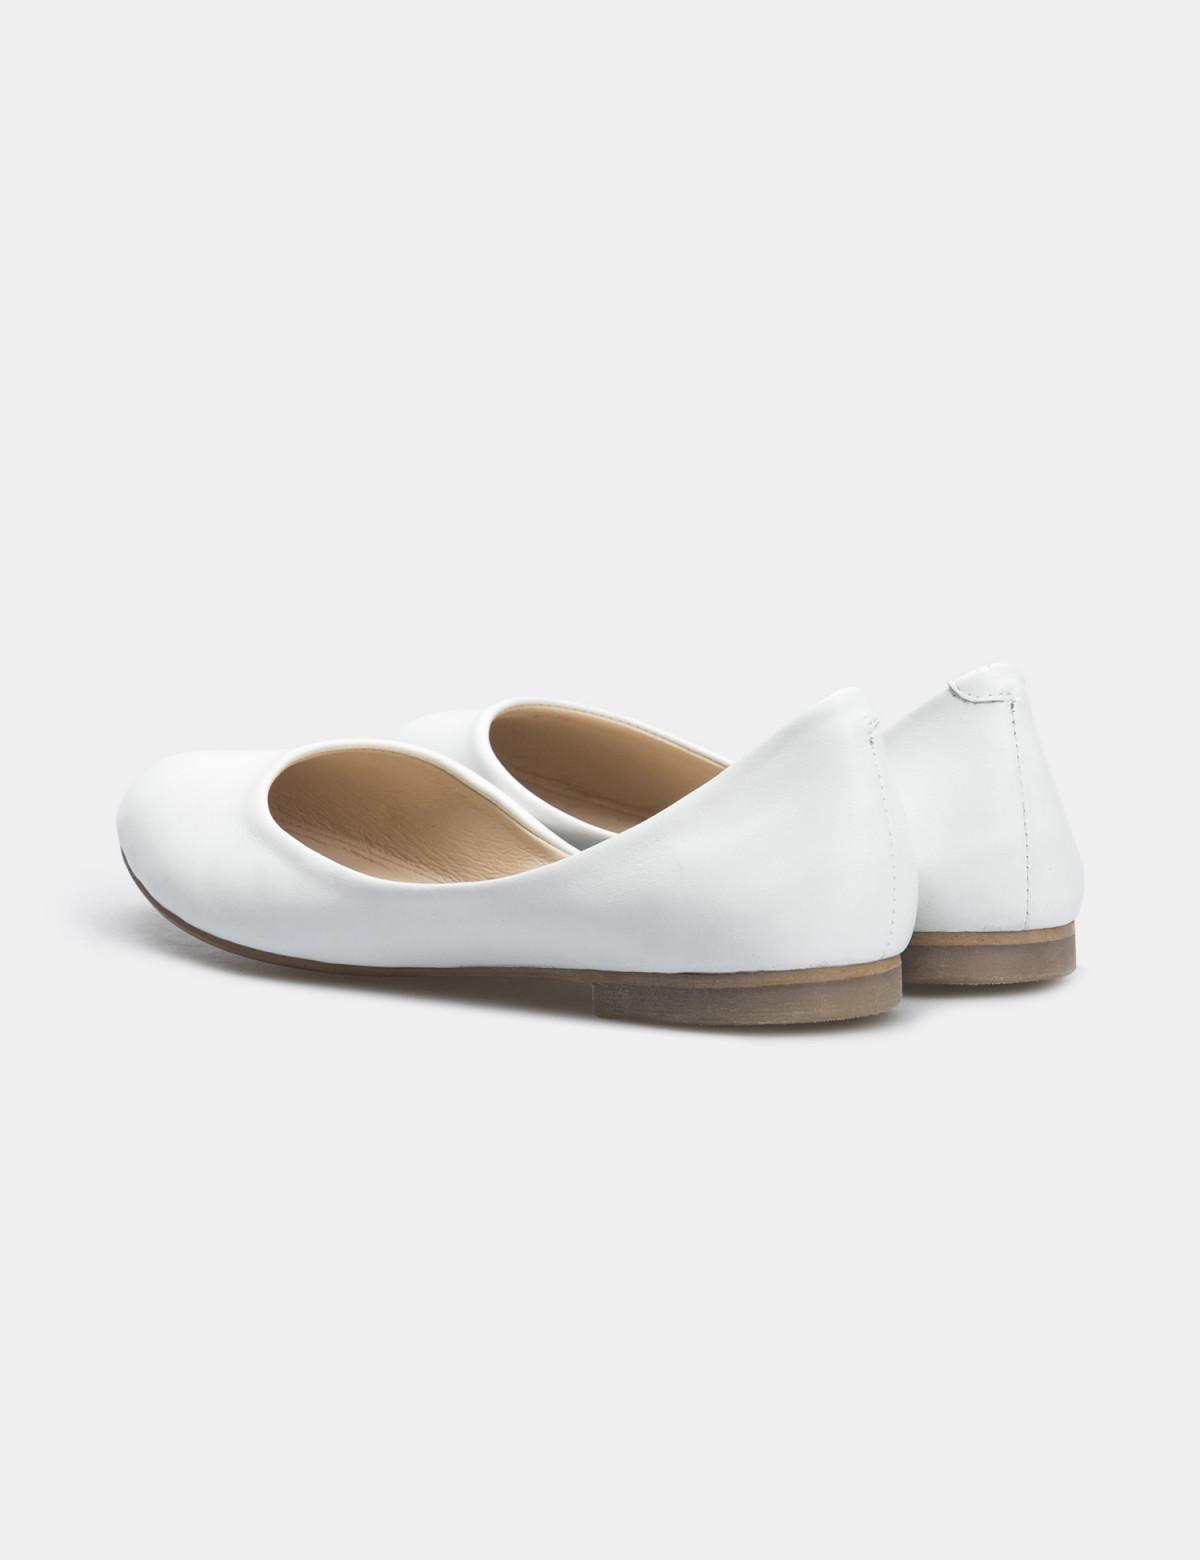 Балетки белые, натуральная кожа2